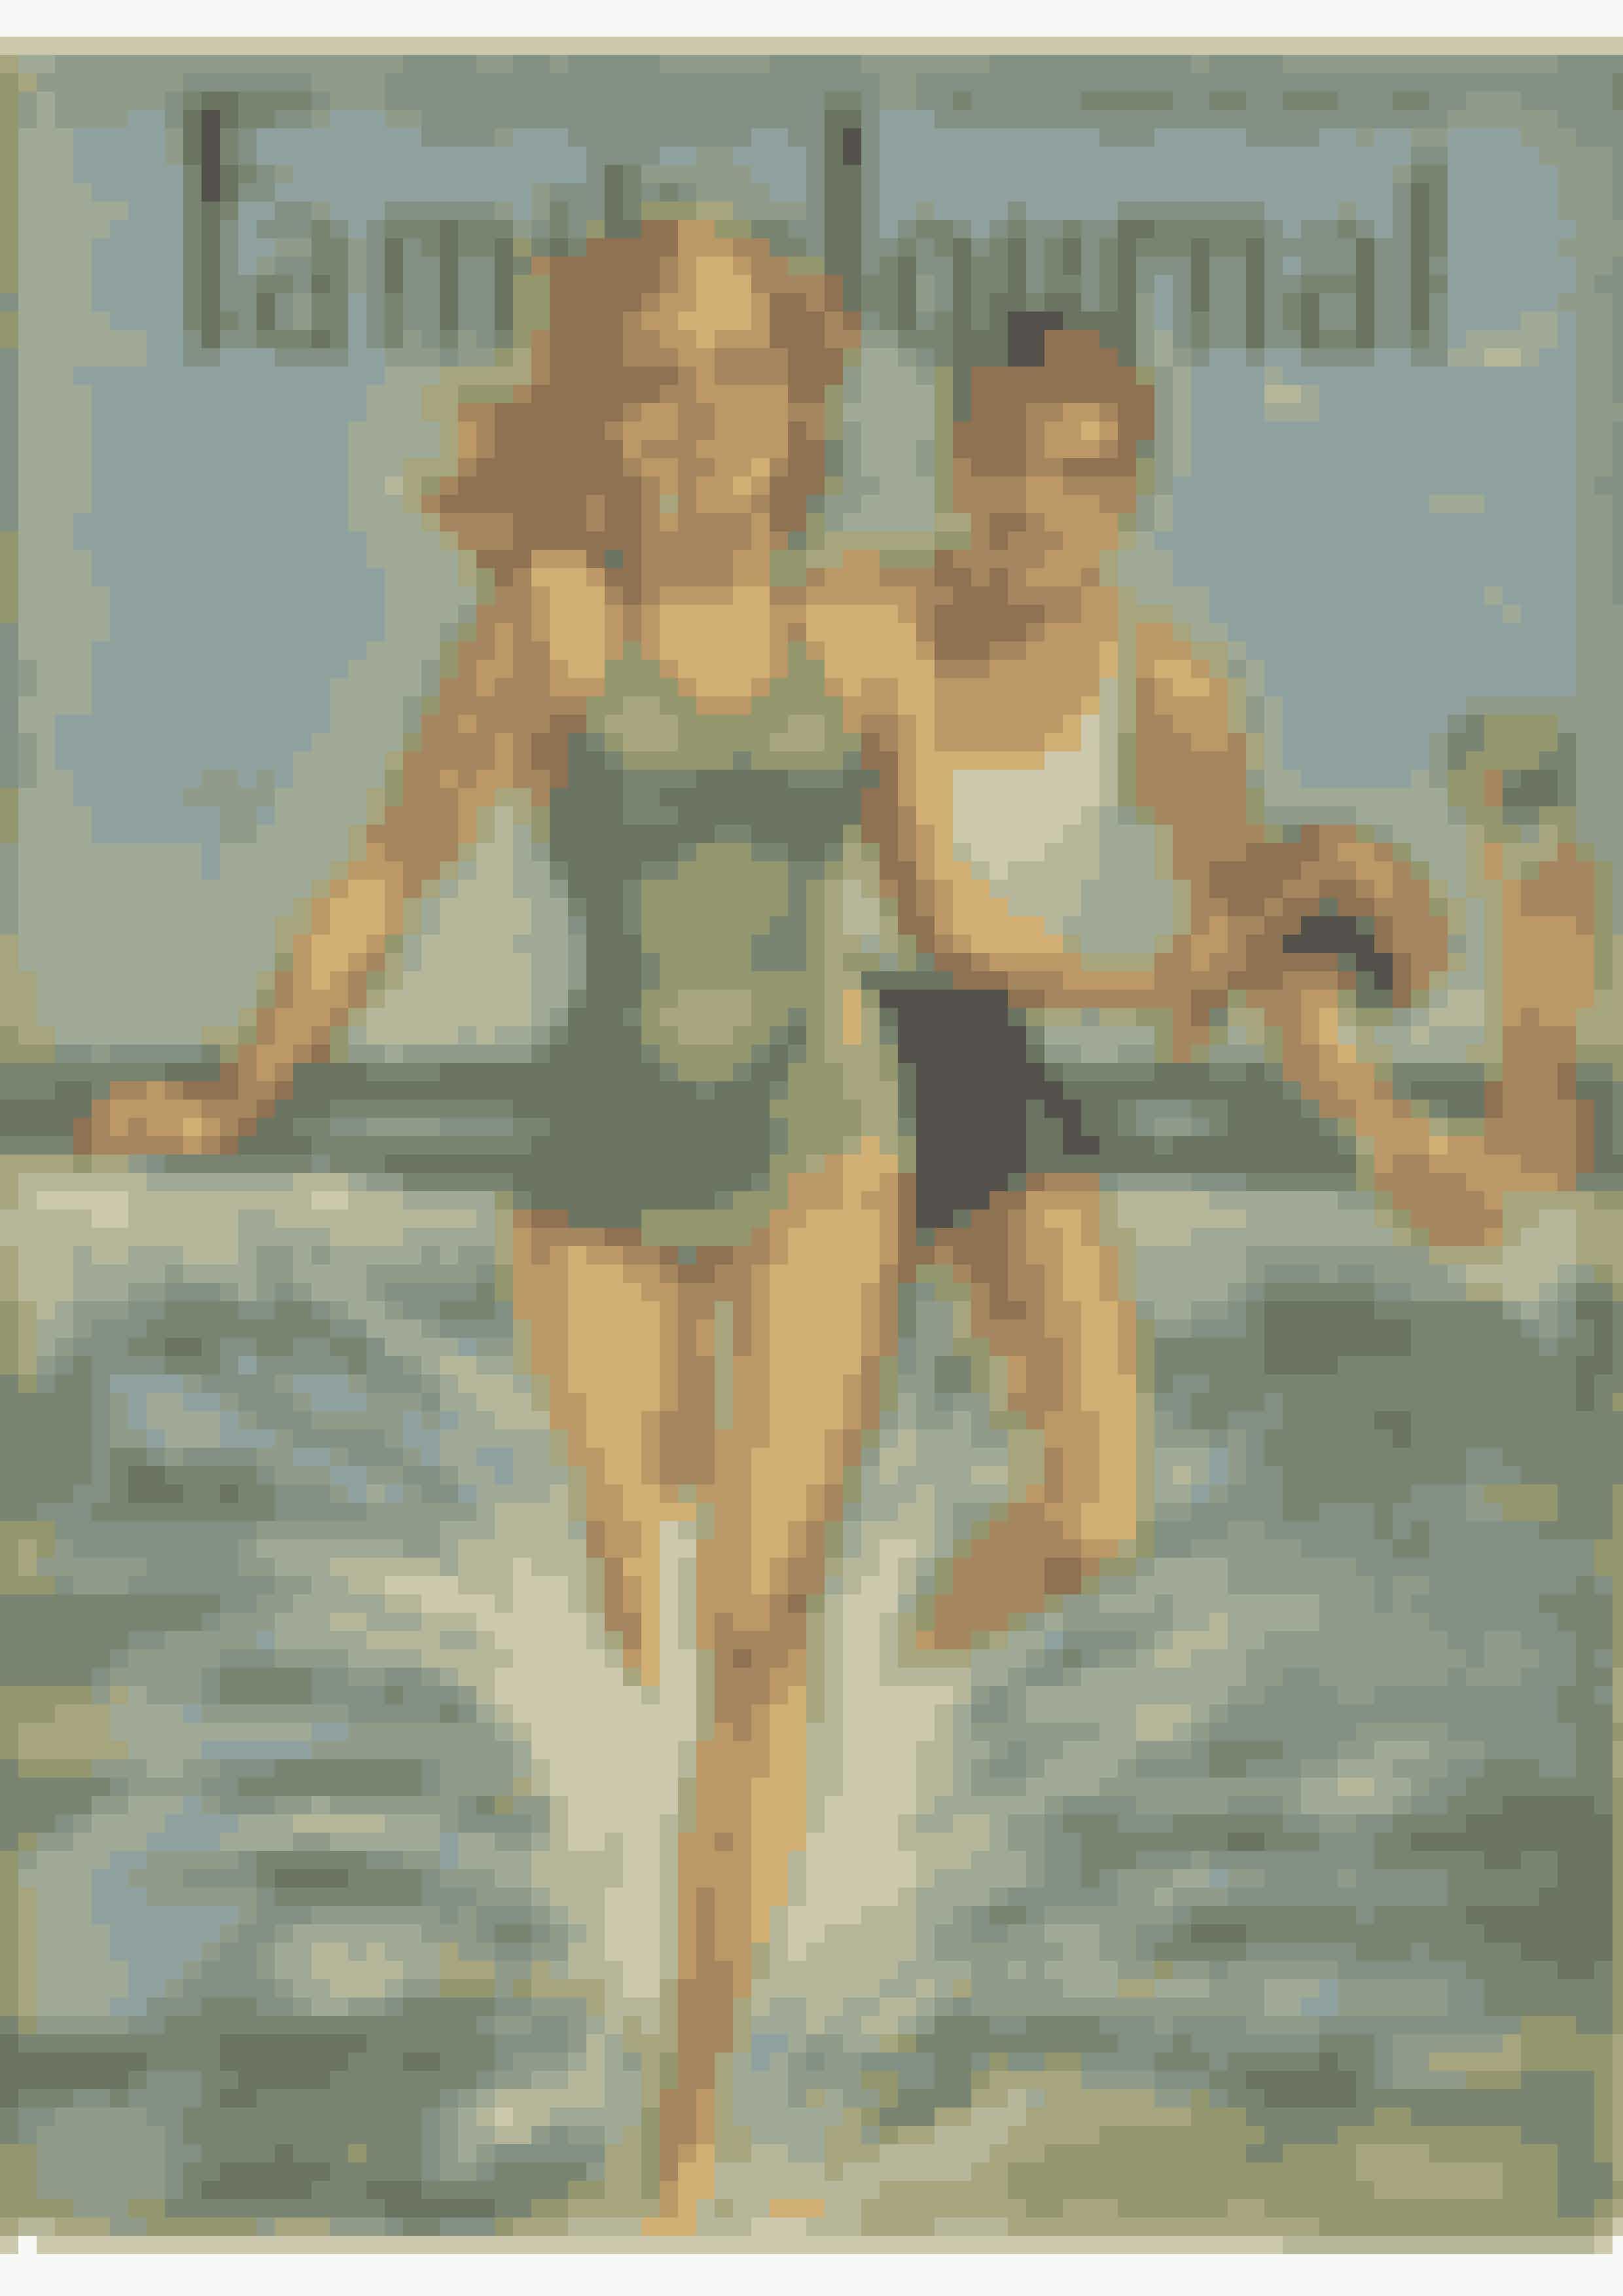 Højsommer i Danmark anno 1942. Man får helt lyst til at hoppe i bølgerne.